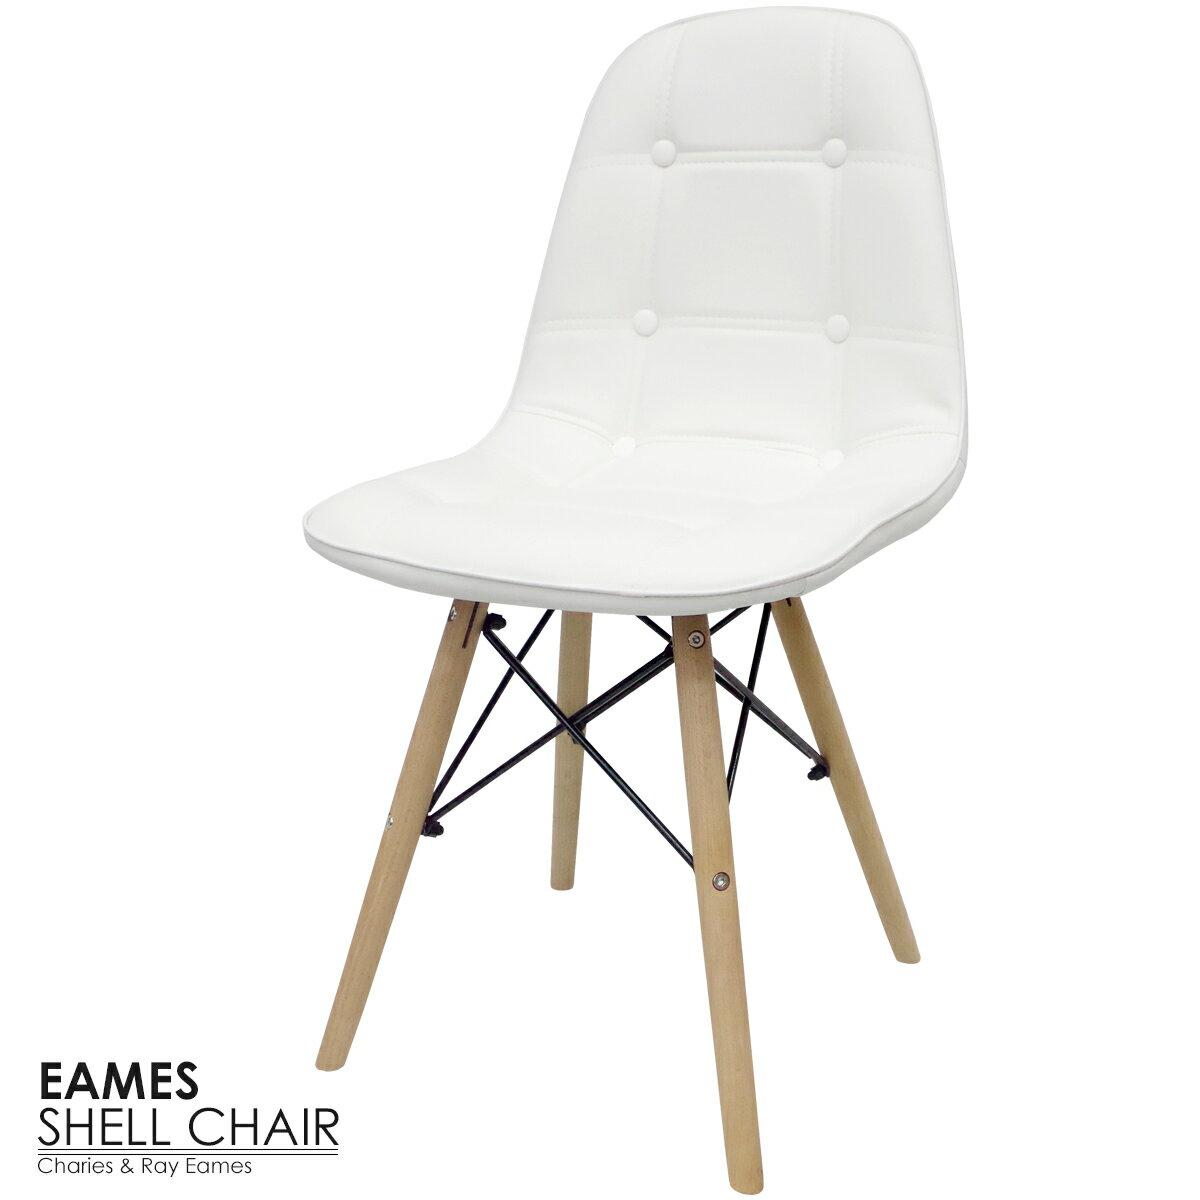 送料無料 イームズ チェア DAW イームズチェア シェルチェア 木脚 デザイナーズ 家具 椅子 いす ダイニングチェア 北欧テイスト デザイナーズチェア ホワイト スクープ PUレザー 【EM-14】